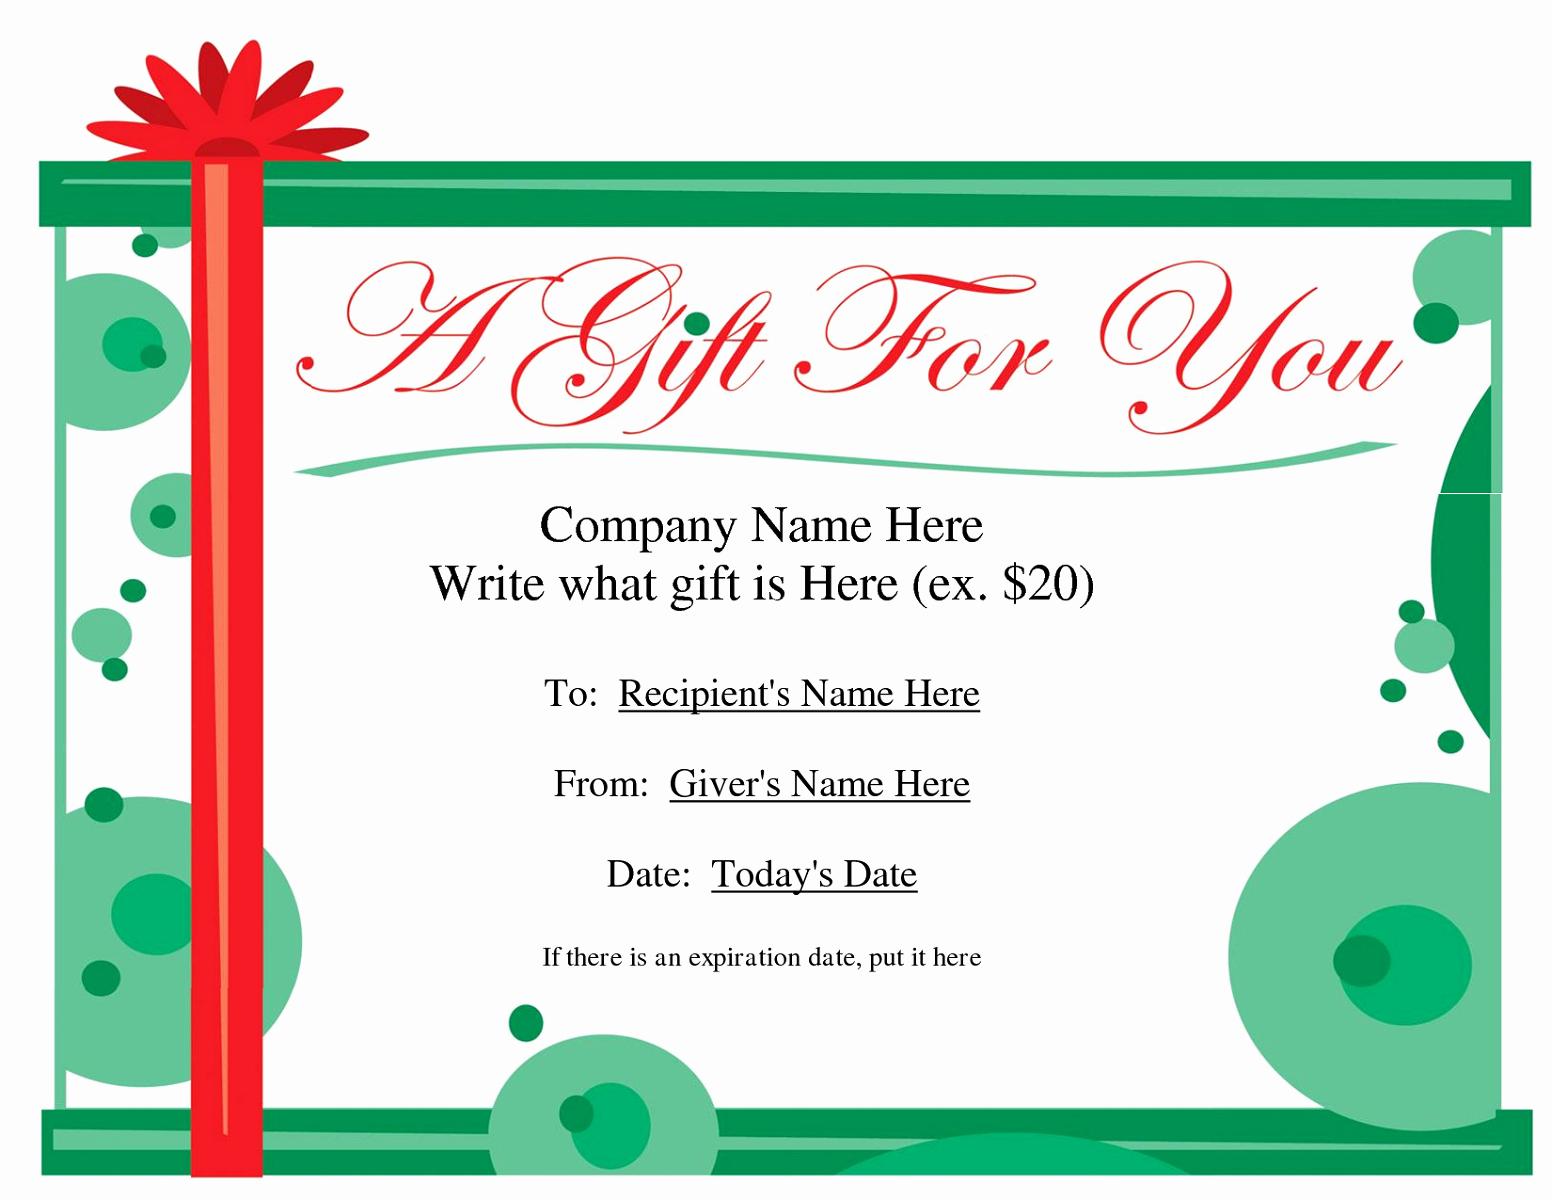 Diy Gift Certificate Template Free Elegant Gift Certificate Templates to Print